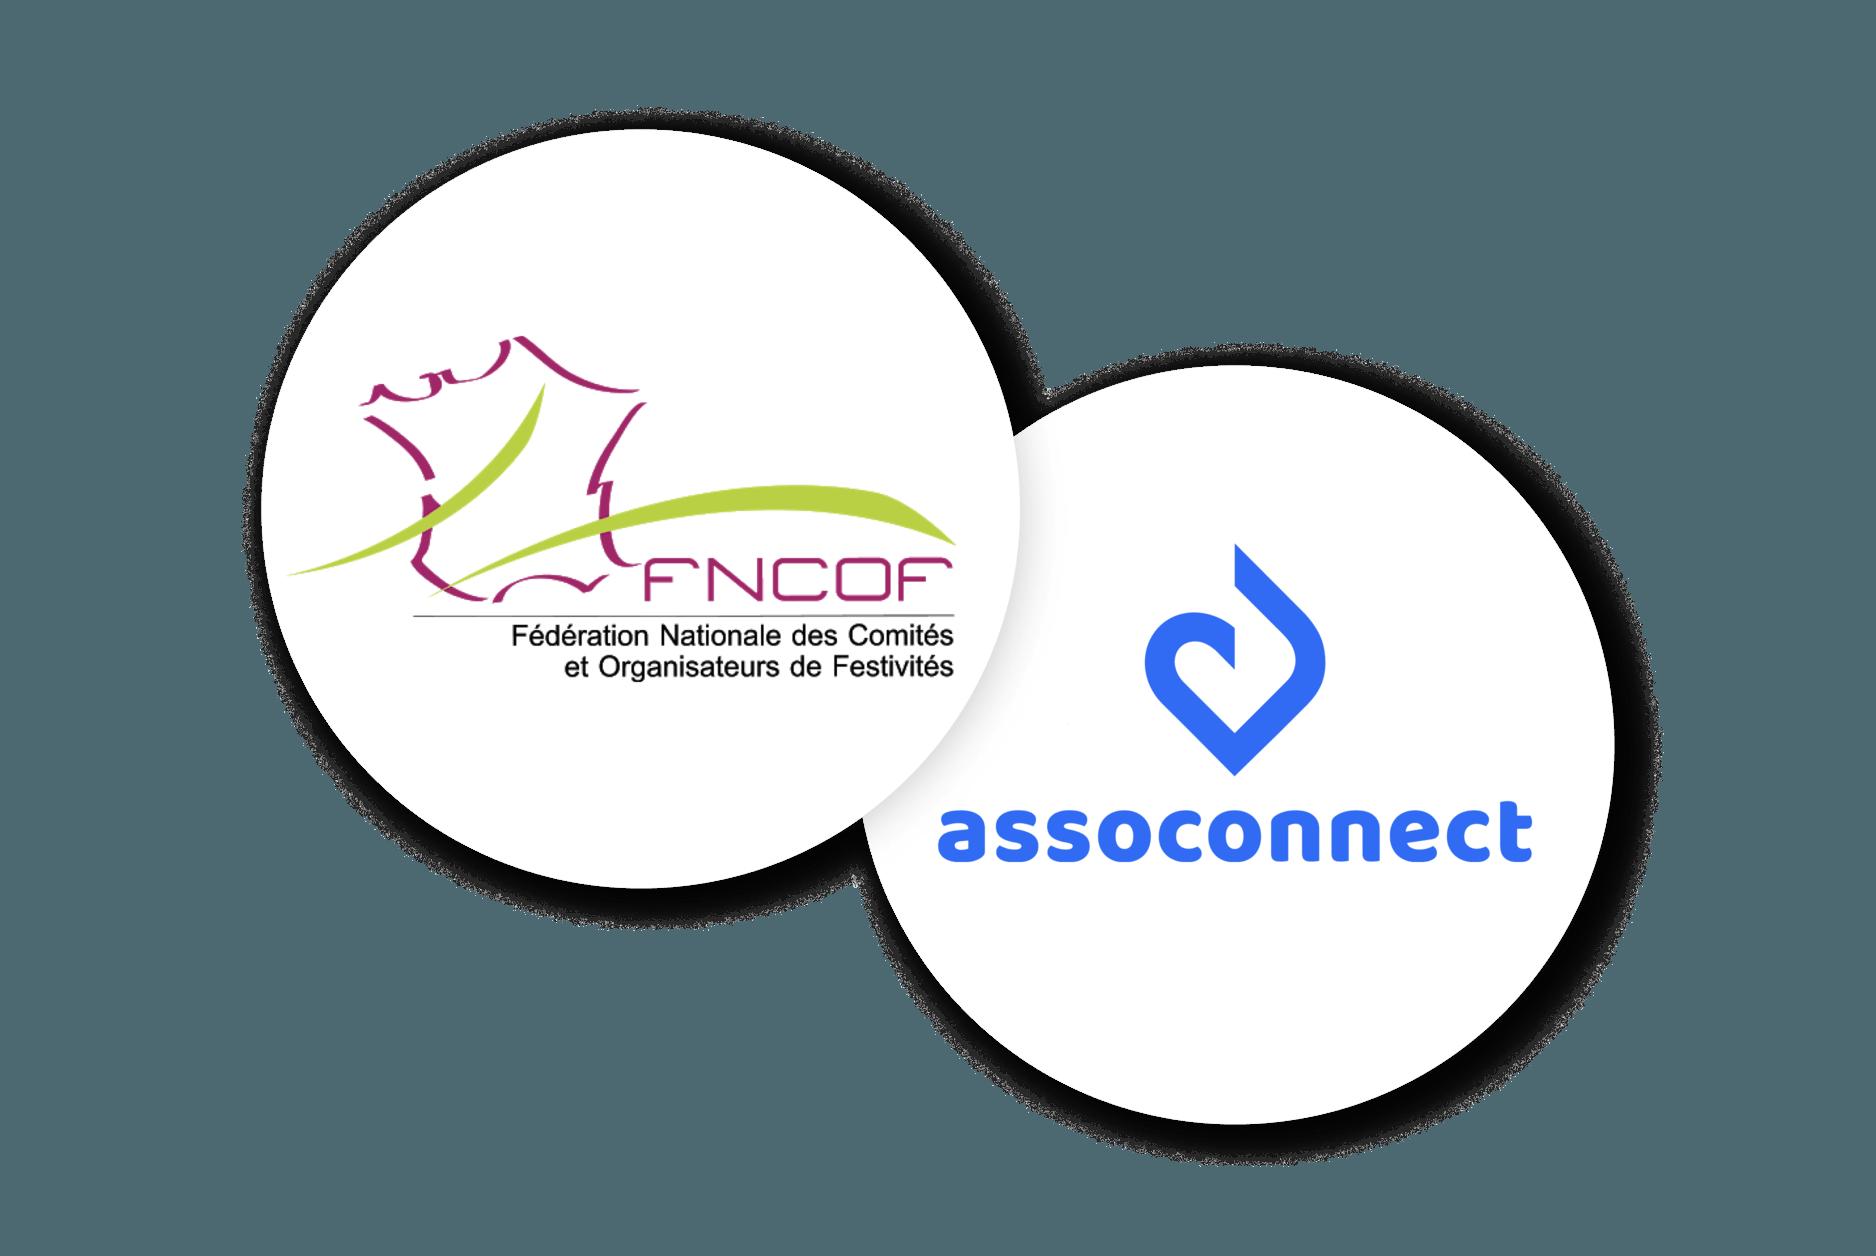 AssoConnect et Fédération Nationale des Comités et Organisateurs de Festivités